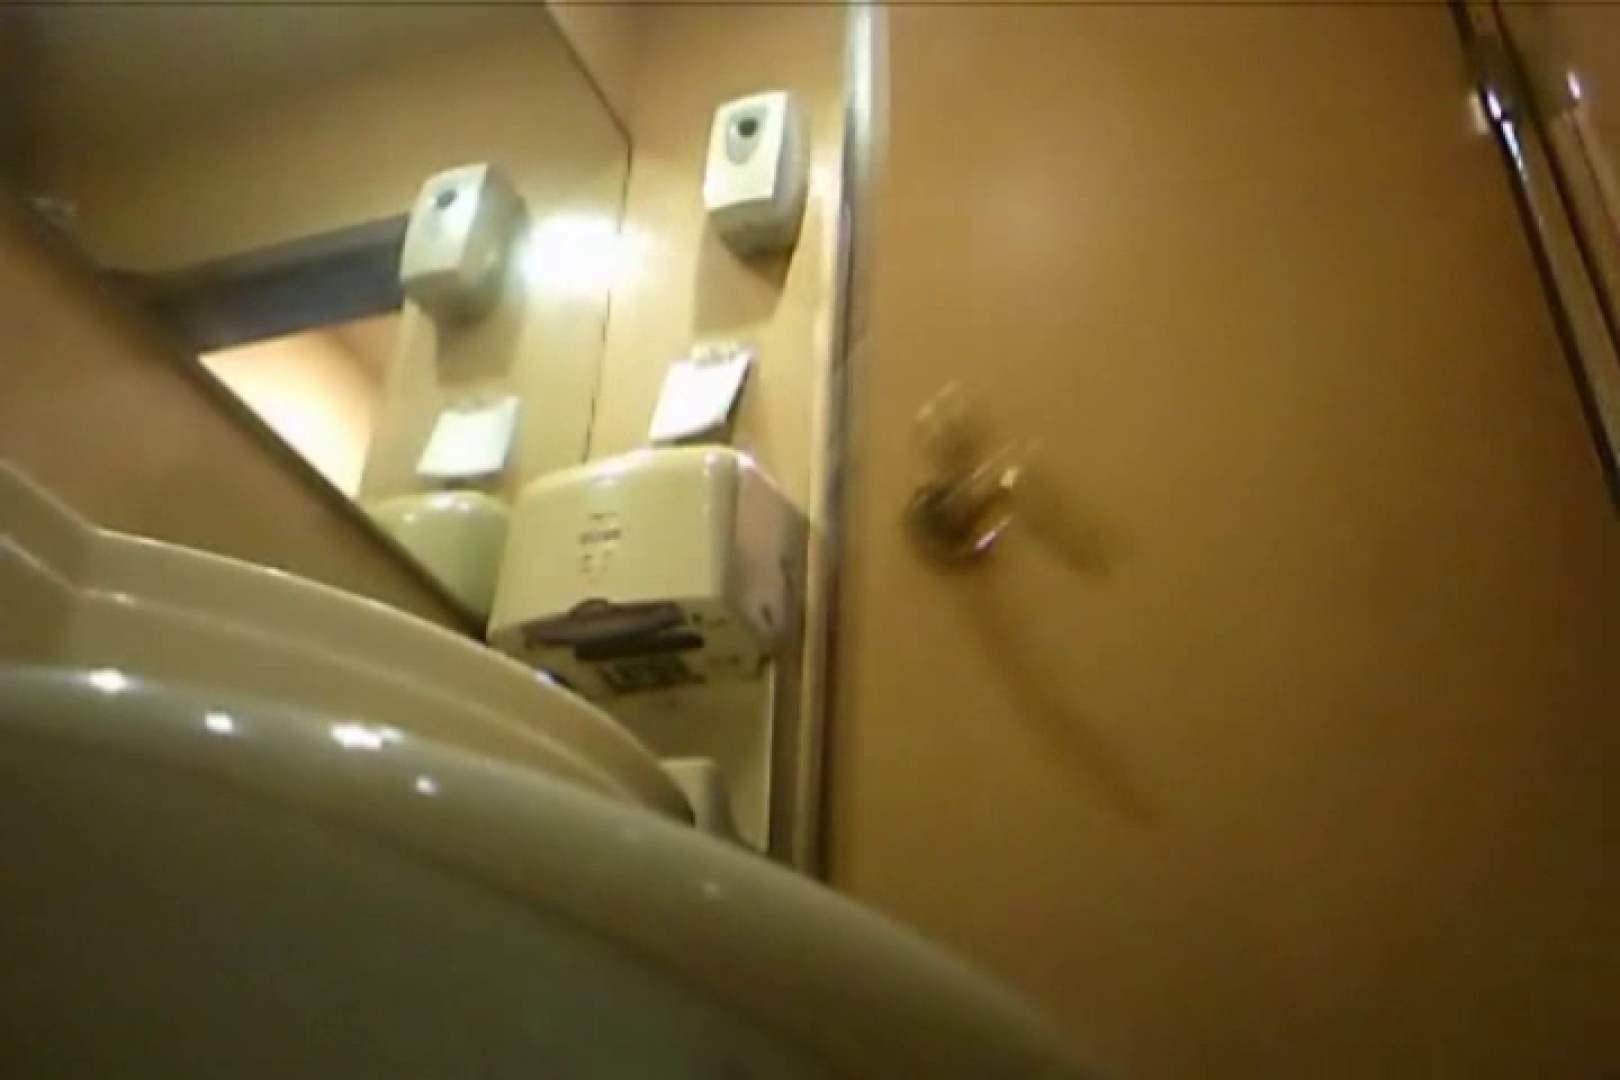 Gボーイ初投稿!掴み取りさんの洗面所覗き!in新幹線!VOL.17 スーツボーイズ | スジ筋系ボーイズ  104pic 91